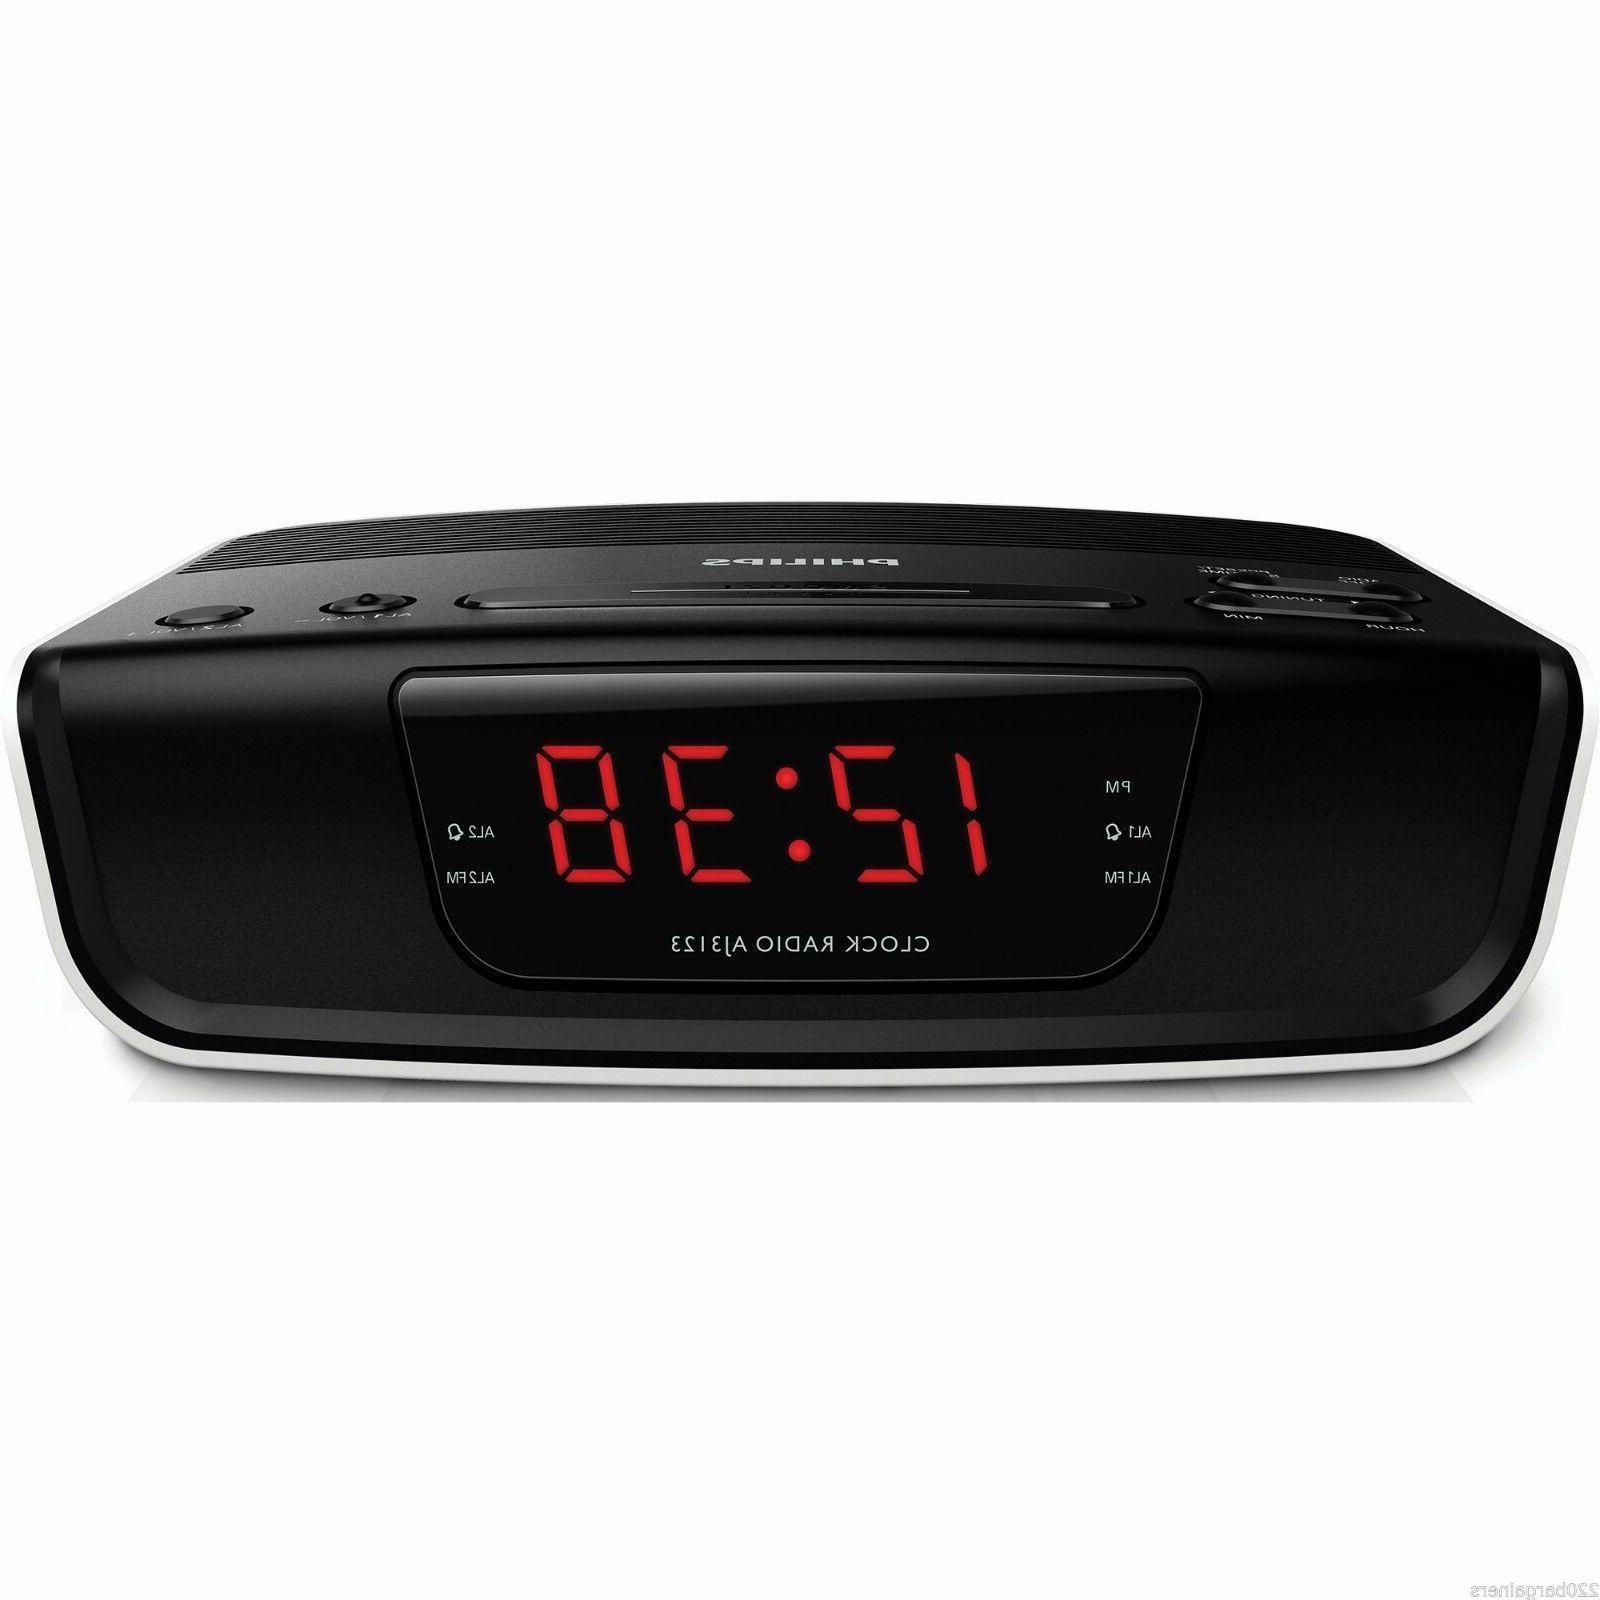 Philips Alarm Clock for Worldwide 110/220v Volt